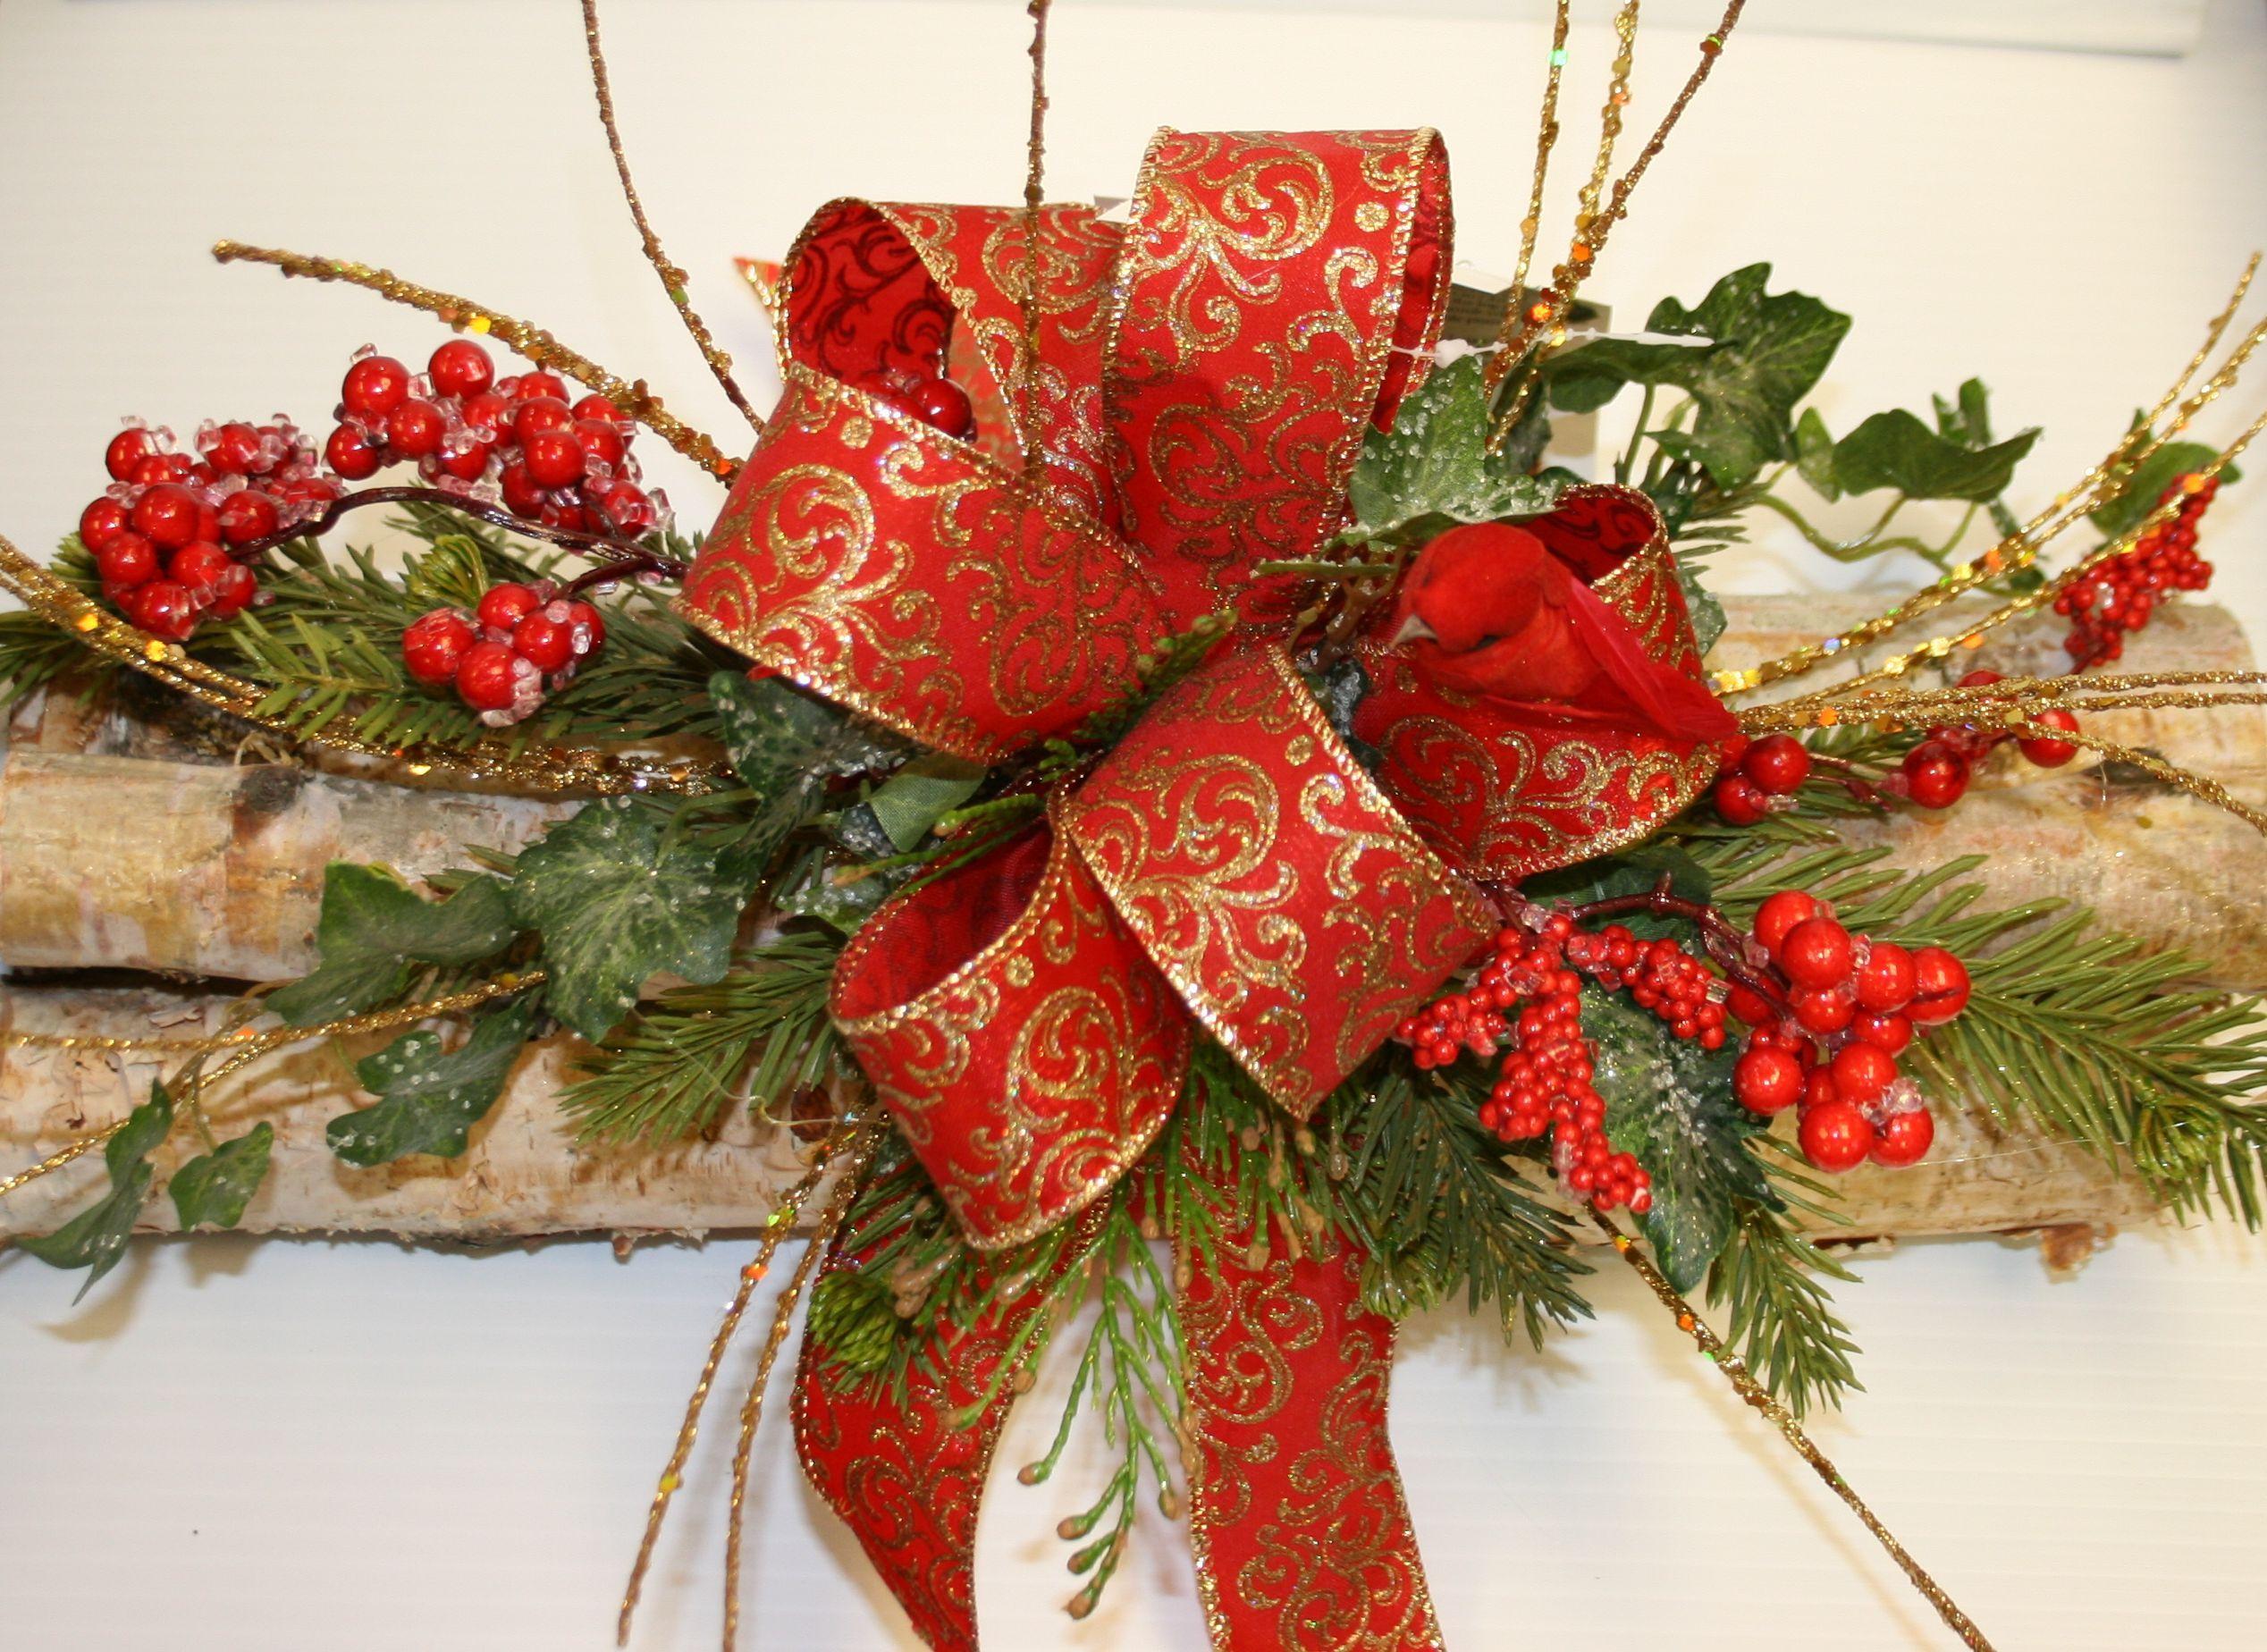 How to make a christmas yule log decoration - Log Christmas Centerpieces Designer Made Decorative Yule Logs Make A Great Centerpiece